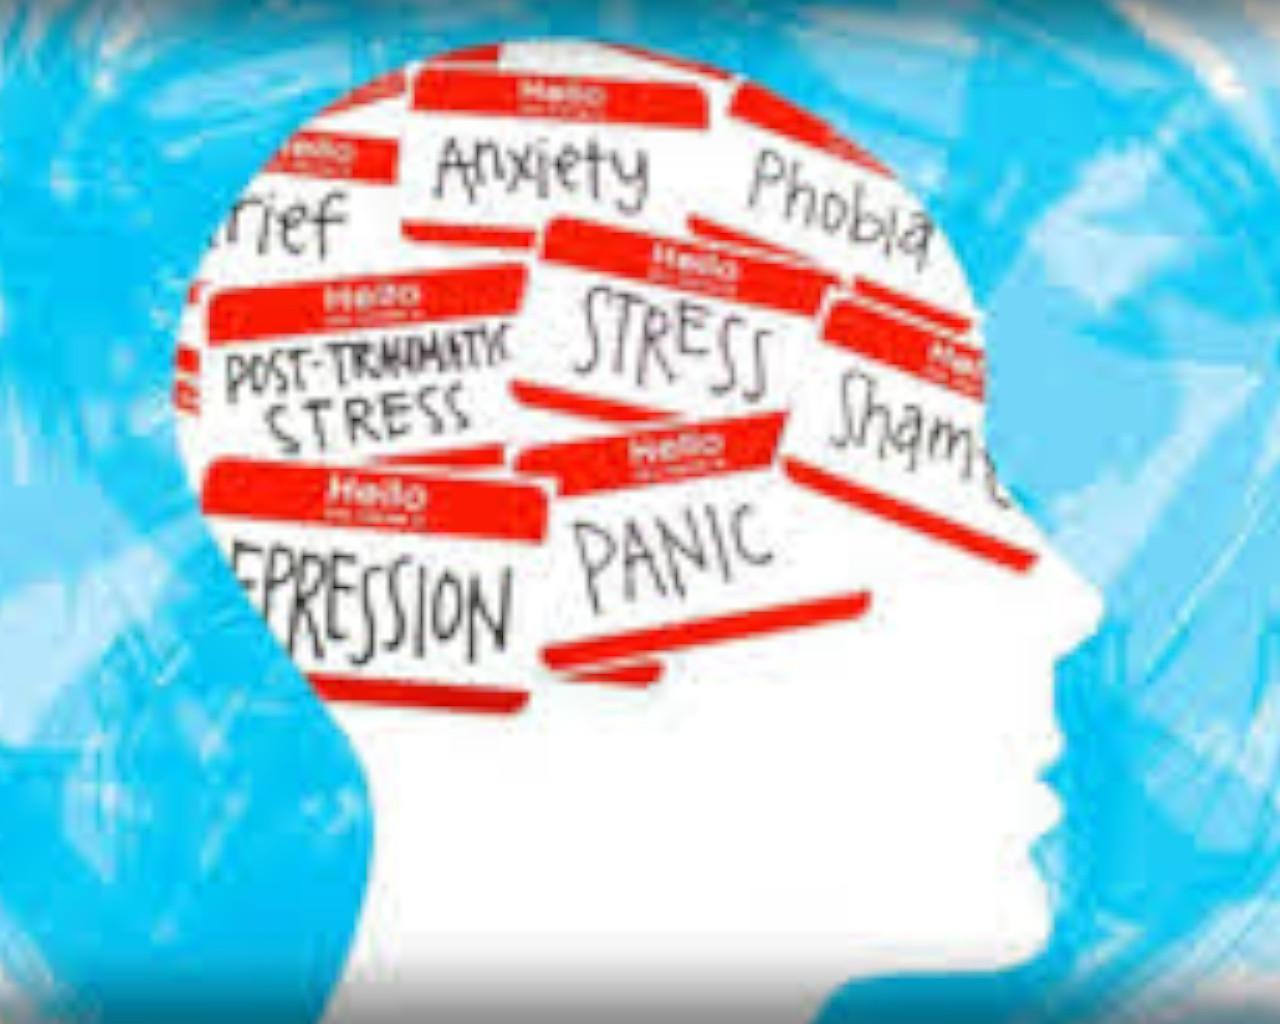 ψυχικη υγεια,ψυχικη υγεια ορισμοσ που,ψυχικη υγεια μεταπτυχιακο λαρισα,ψυχικη υγεια αρθρα,ψυχικη υγεια και ψυχιατρικη,ψυχικη υγεια υπουργειο υγειασ,ψυχικη υγεια μεταπτυχιακο,ψυχικη υγεια αγγλικα